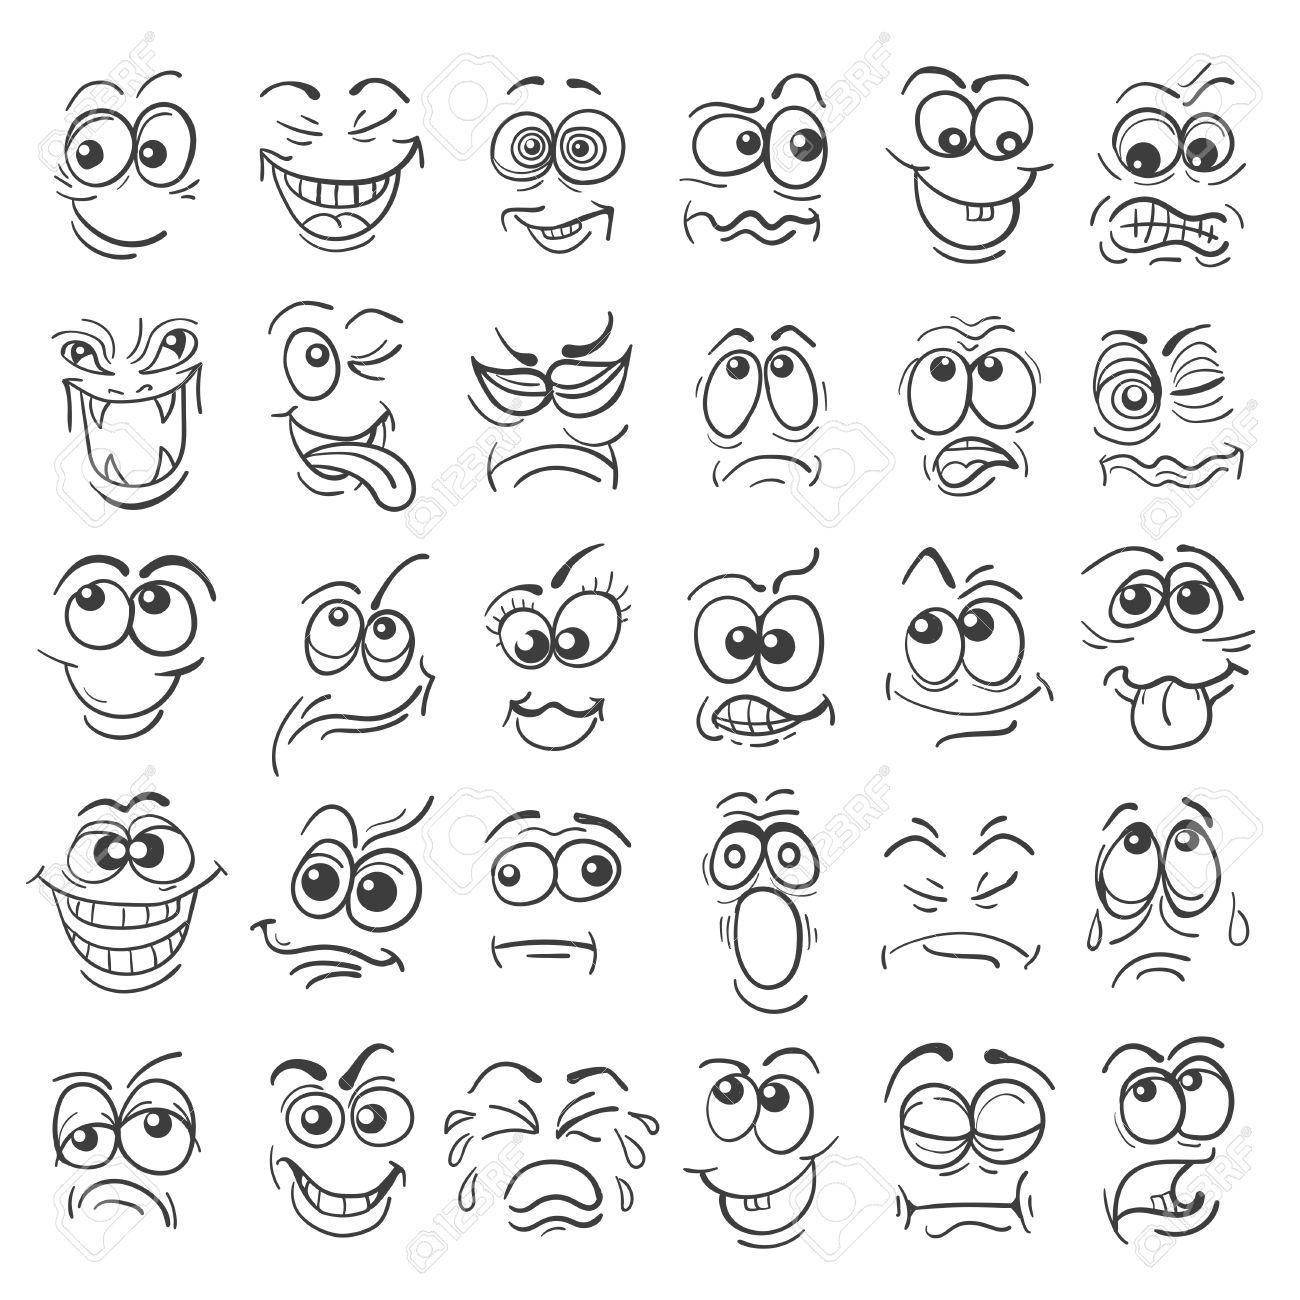 Estableció Cara De Dibujos Animados Emoción Diversas Expresiones Faciales En El Estilo De Dibujo Aislado En Blanco Ilustración Del Vector